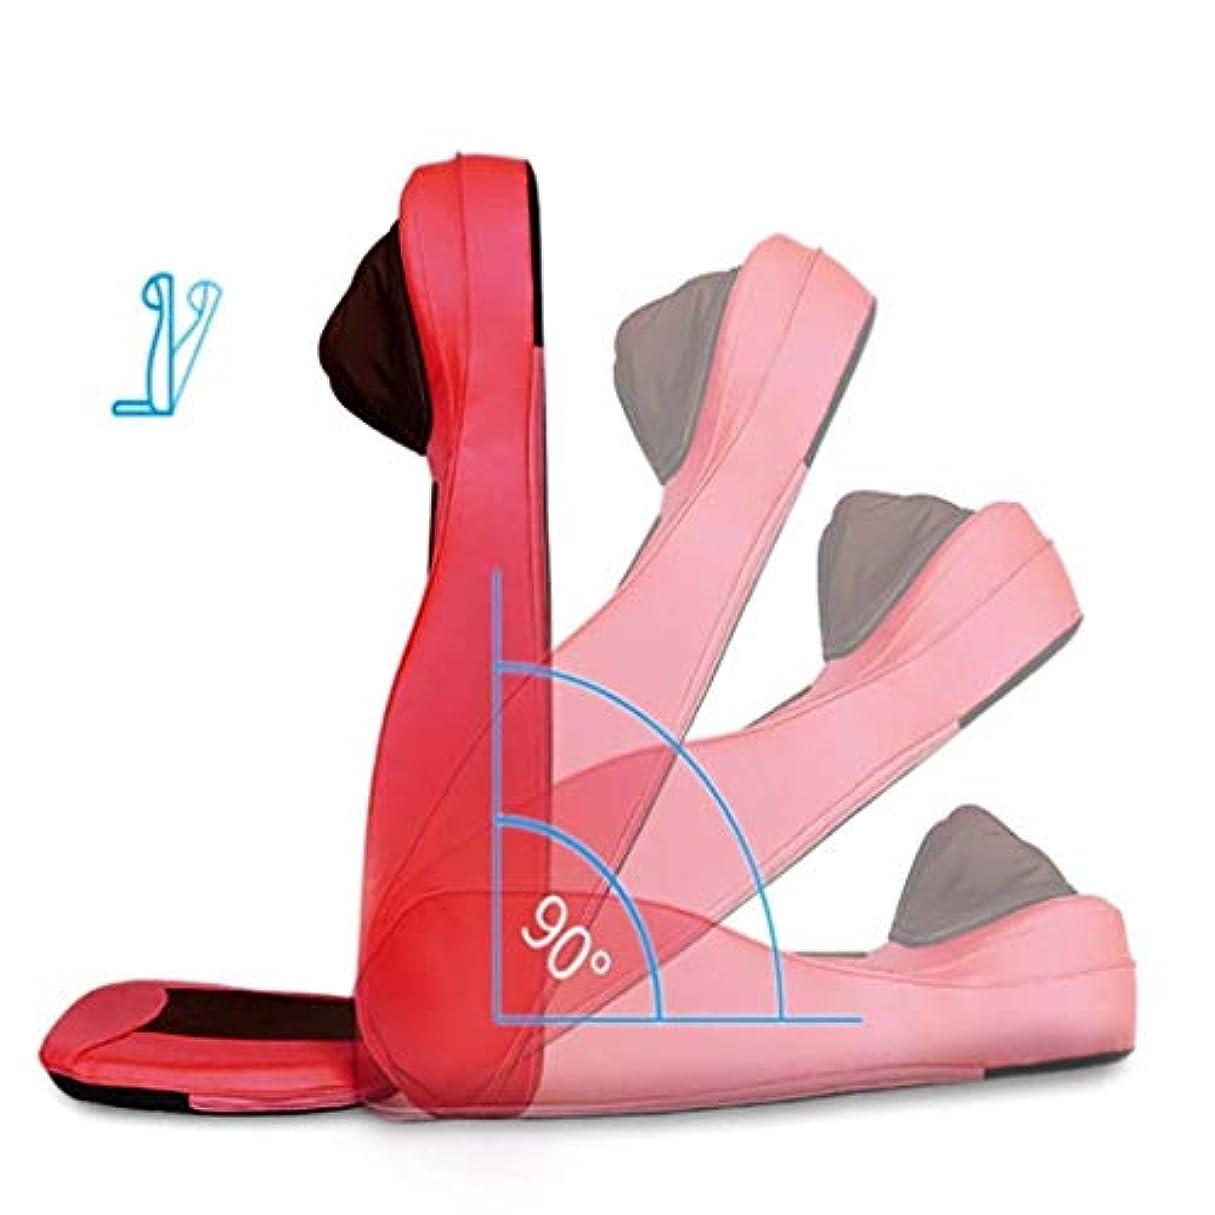 ラビリンス変動する椅子指圧/ローリング/振動/加熱マッサージ、スージング疲労やリラクゼーション圧力、車/オフィスや家庭のための調節可能な枕の高さを備えた電気自動車マッサージシート